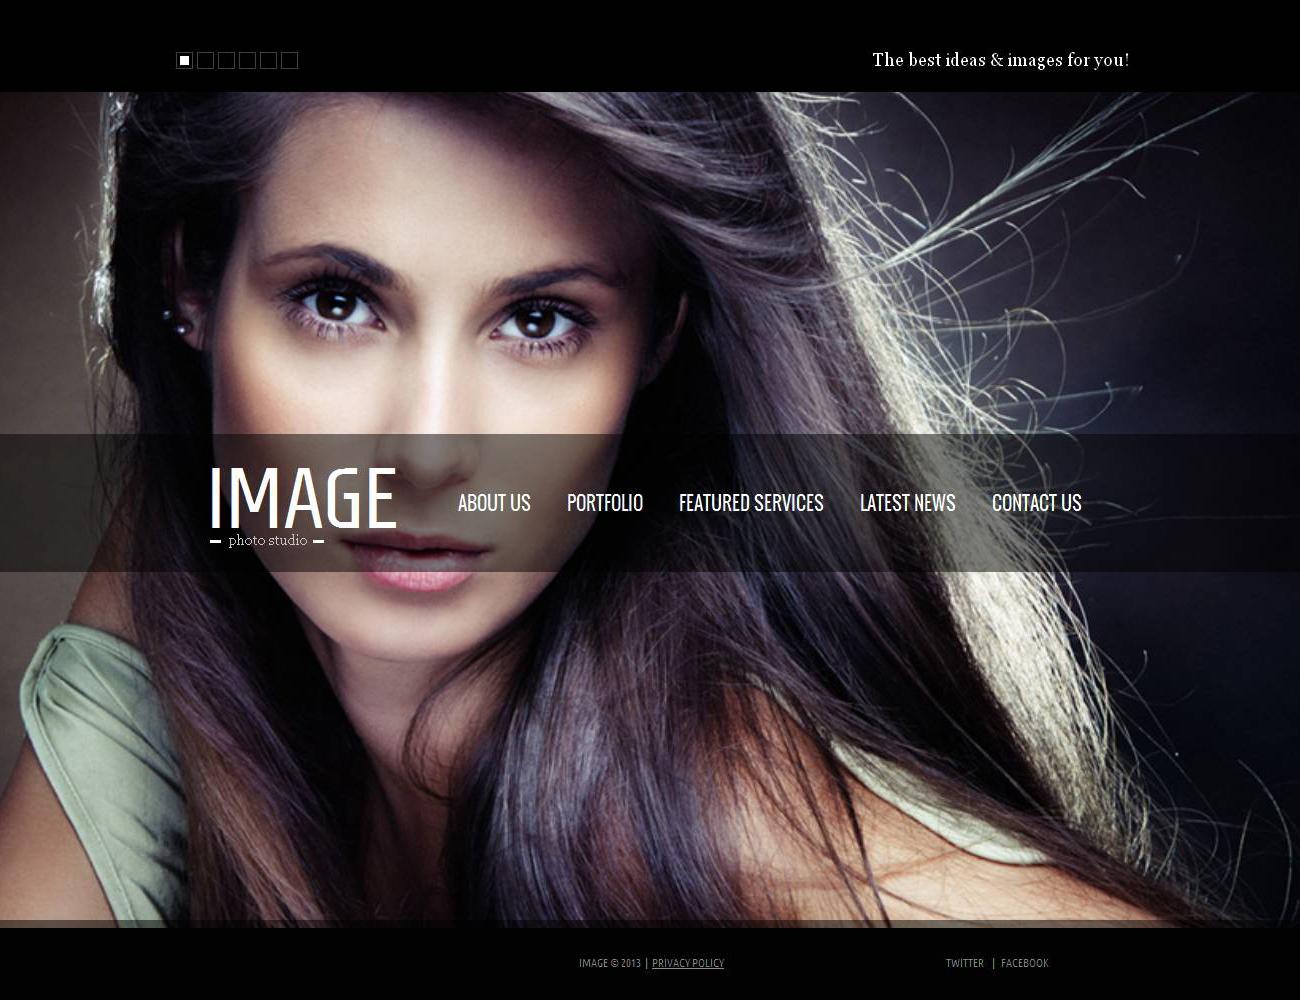 Szablon Galerii Zdjęć #44318 na temat: studio fotografii - zrzut ekranu